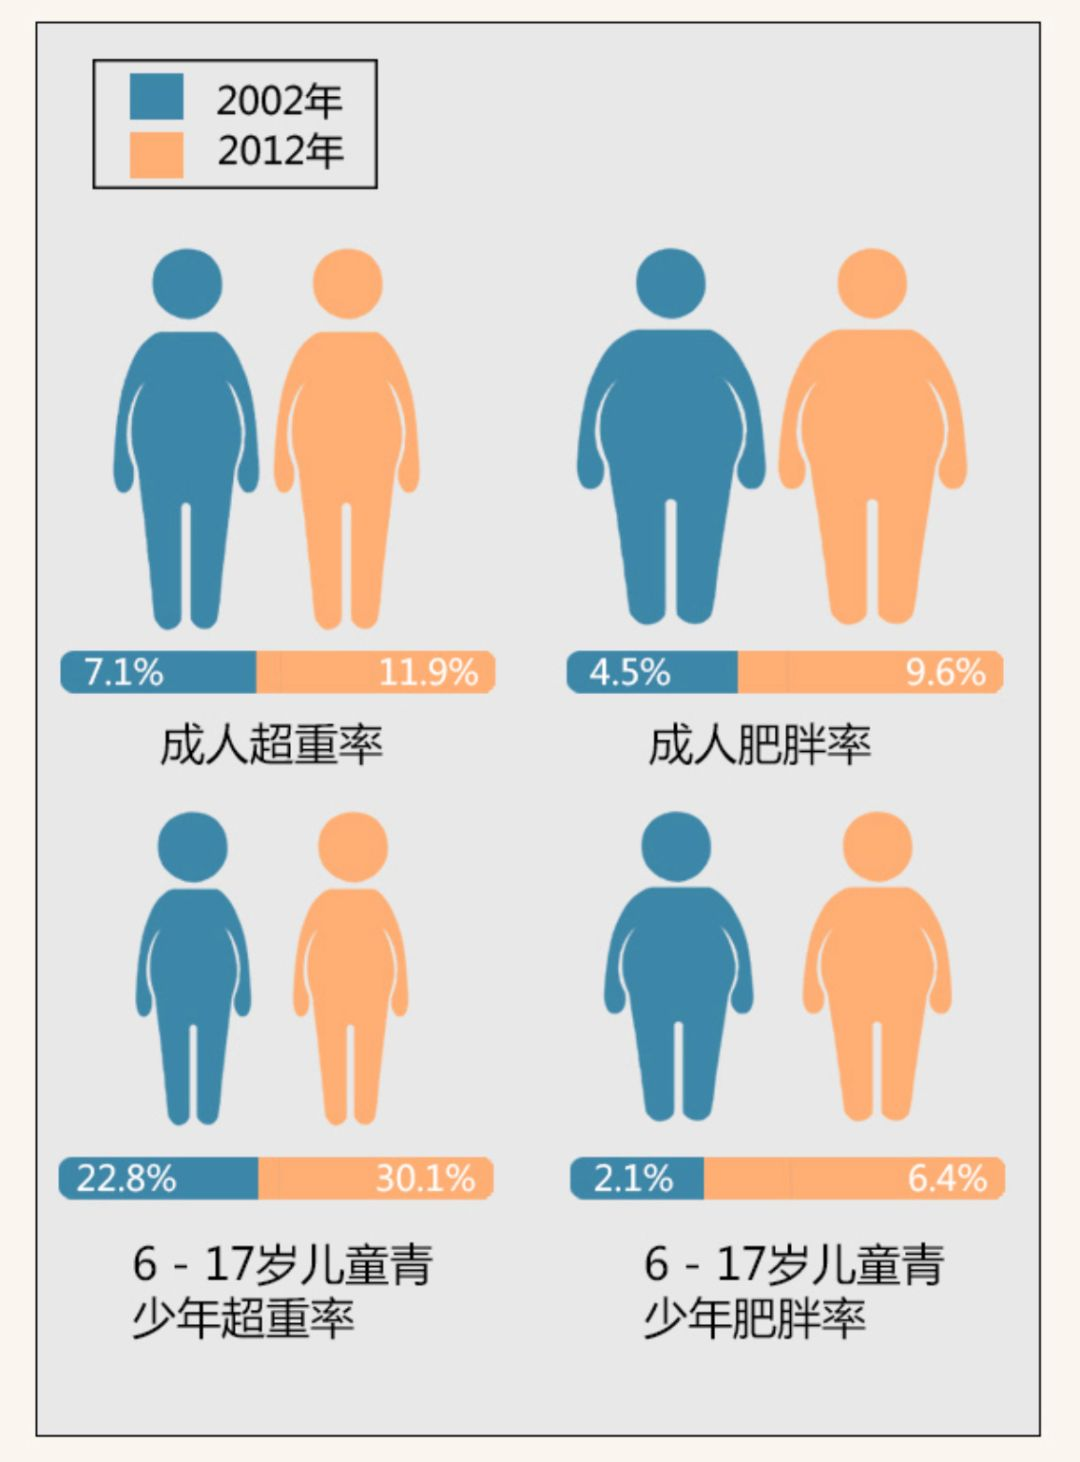 【科普营养】肥胖为什么会增加癌症风险?